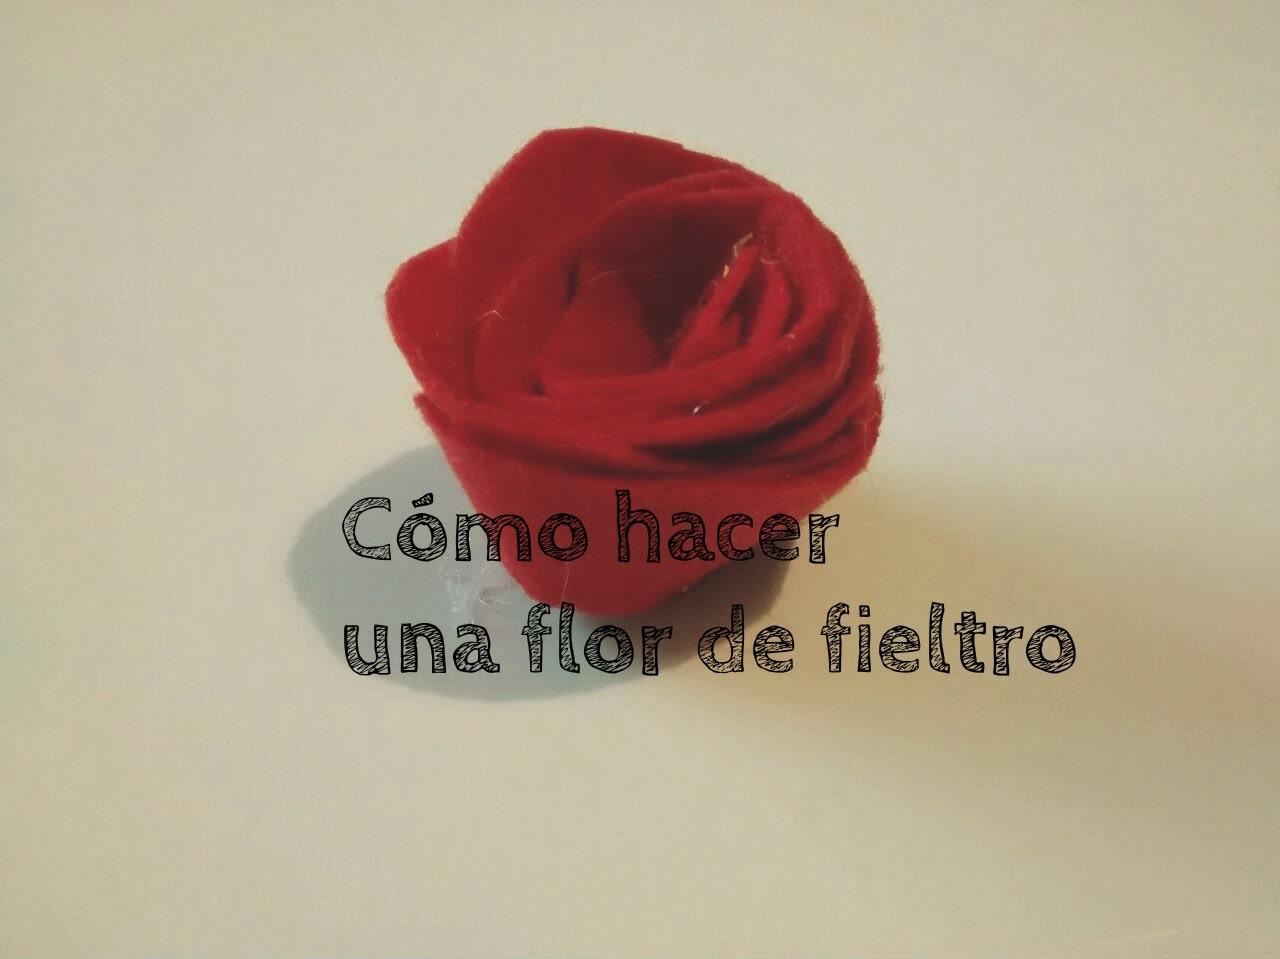 Cómo hacer una flor de fieltro - How to do a flower of felt - Ahorradoras.com